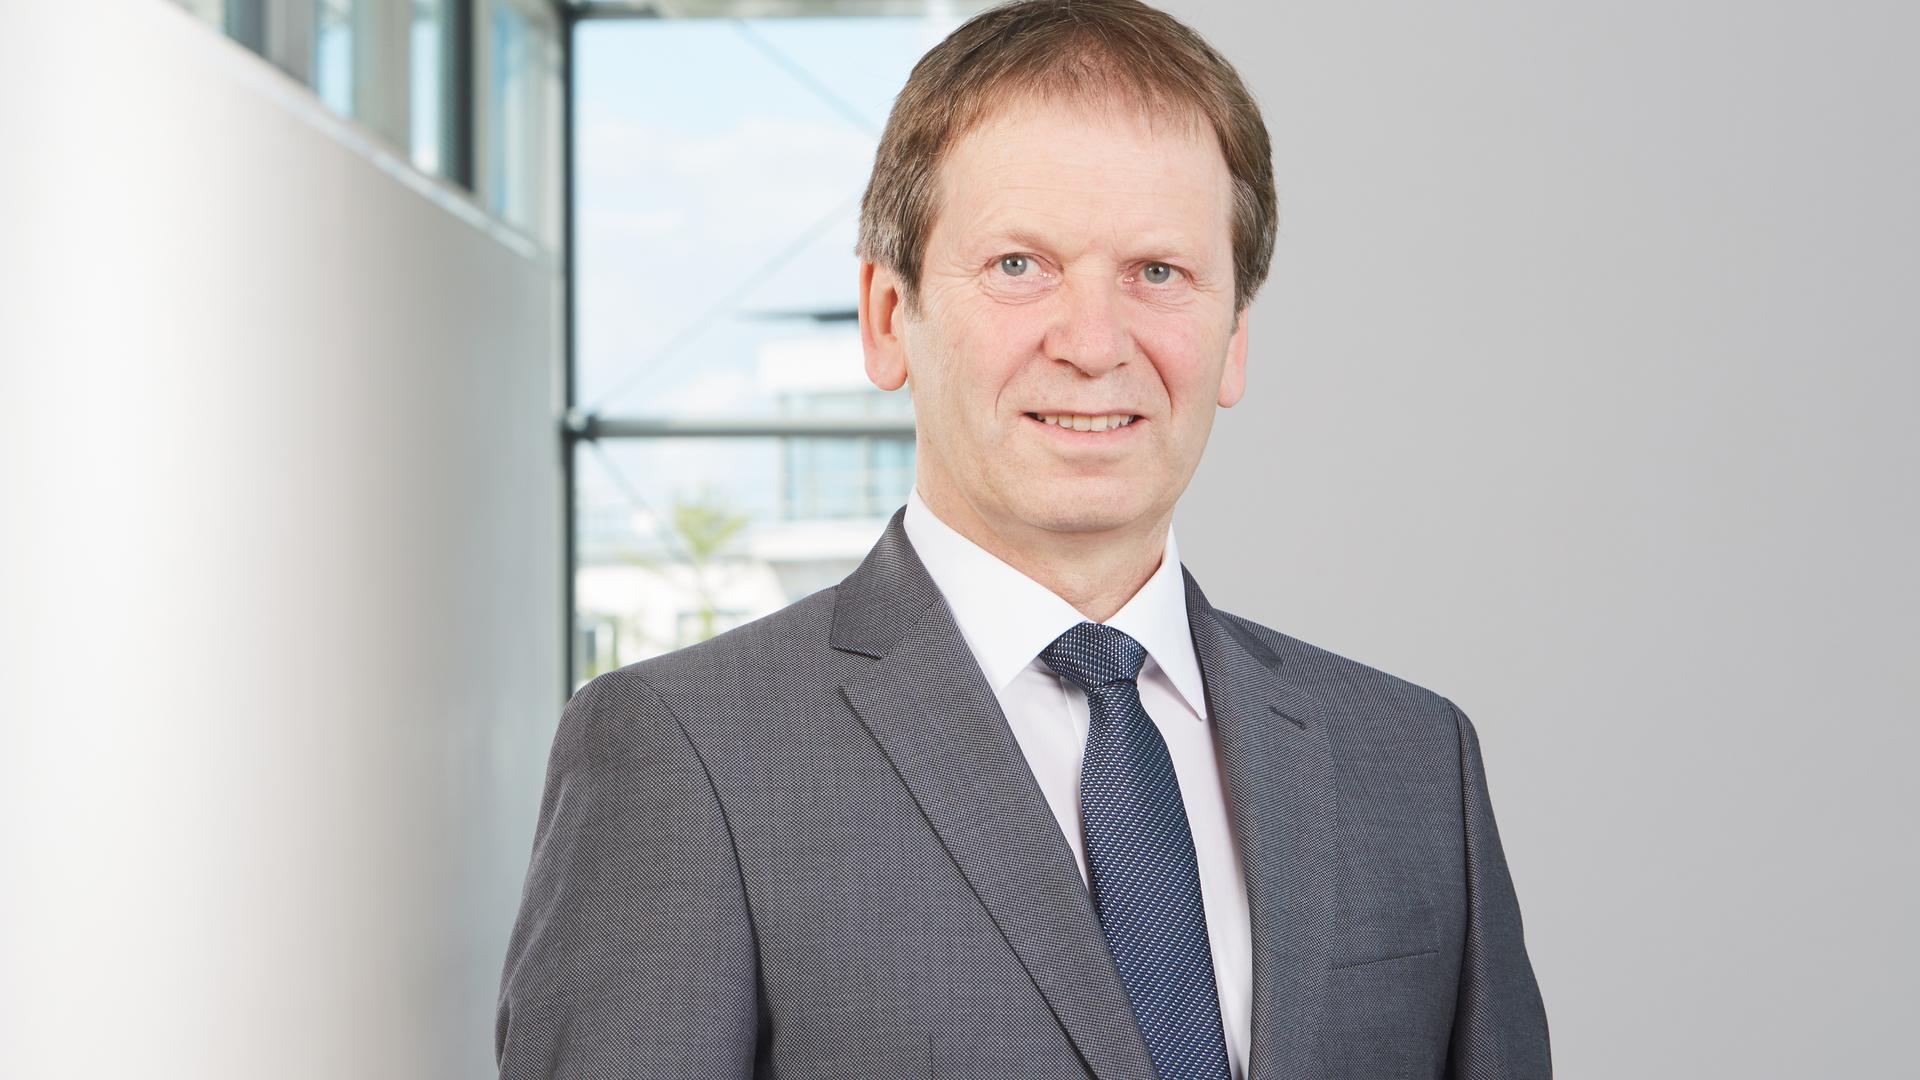 Hans-Martin Henning leitet das Fraunhofer-Institut für Solare Energiesysteme in Freiburg.